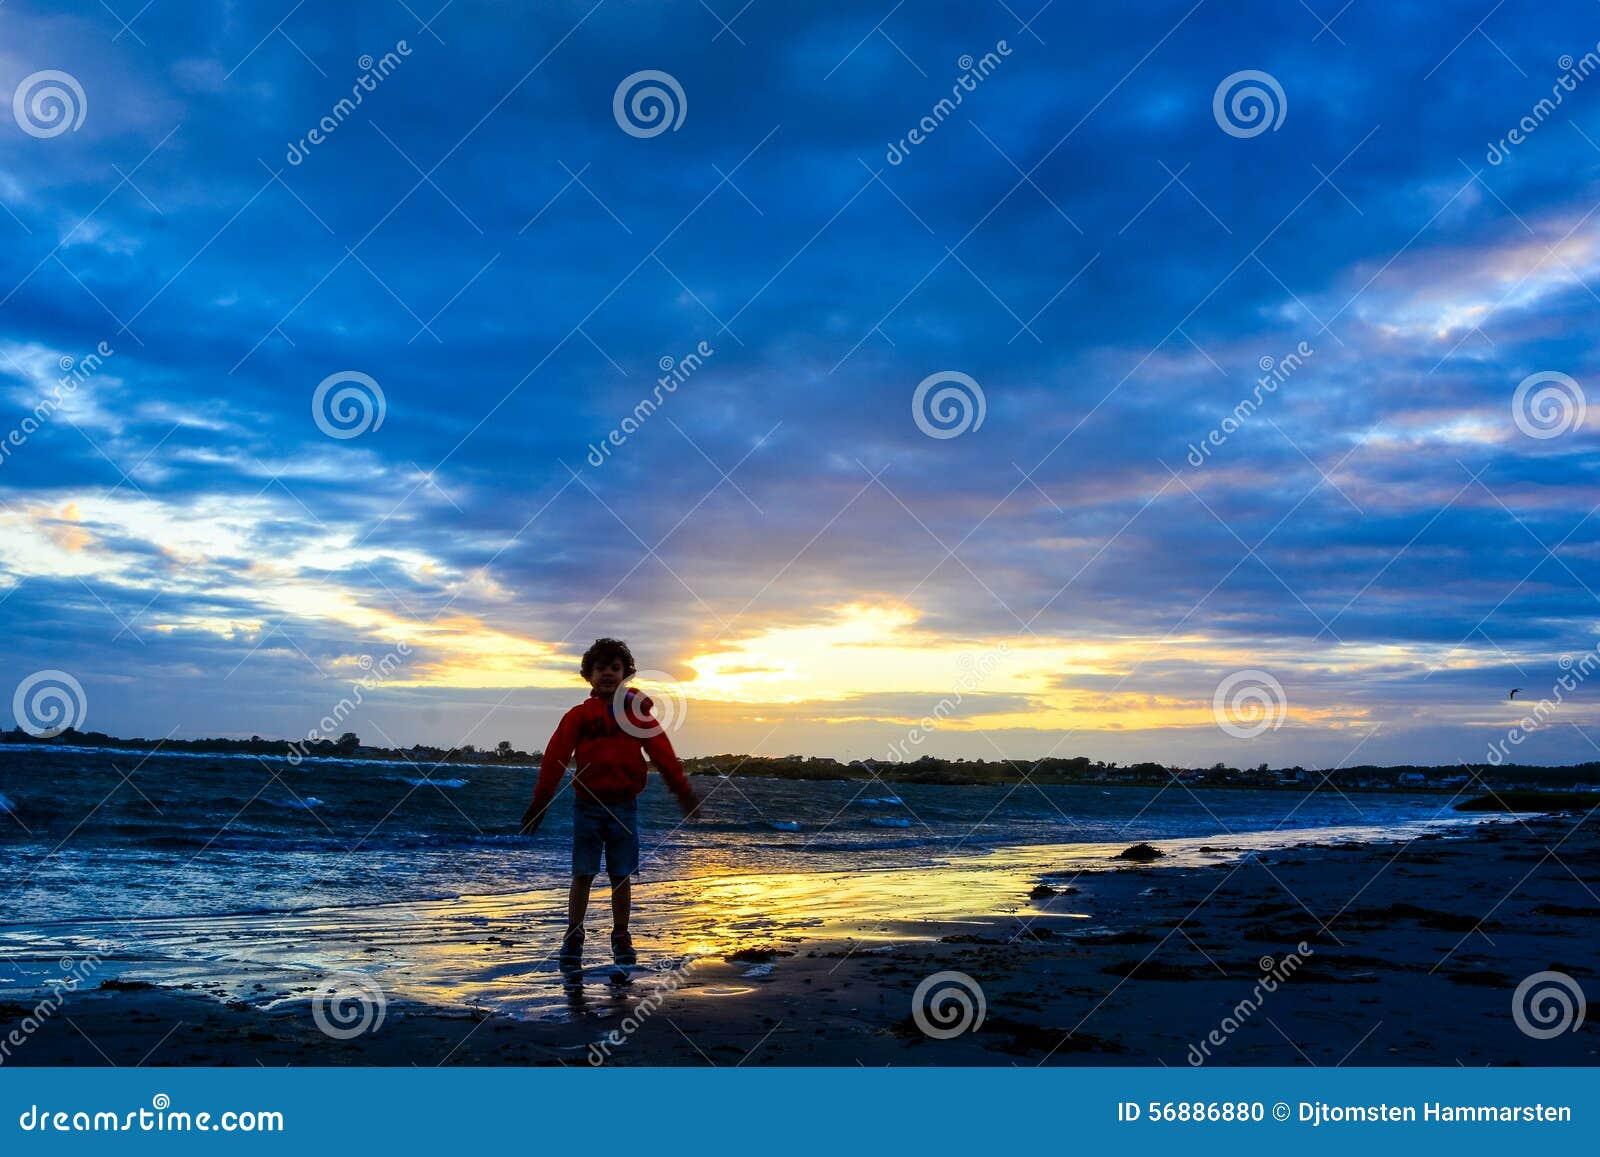 Ragazzo che gioca sulla spiaggia al tramonto